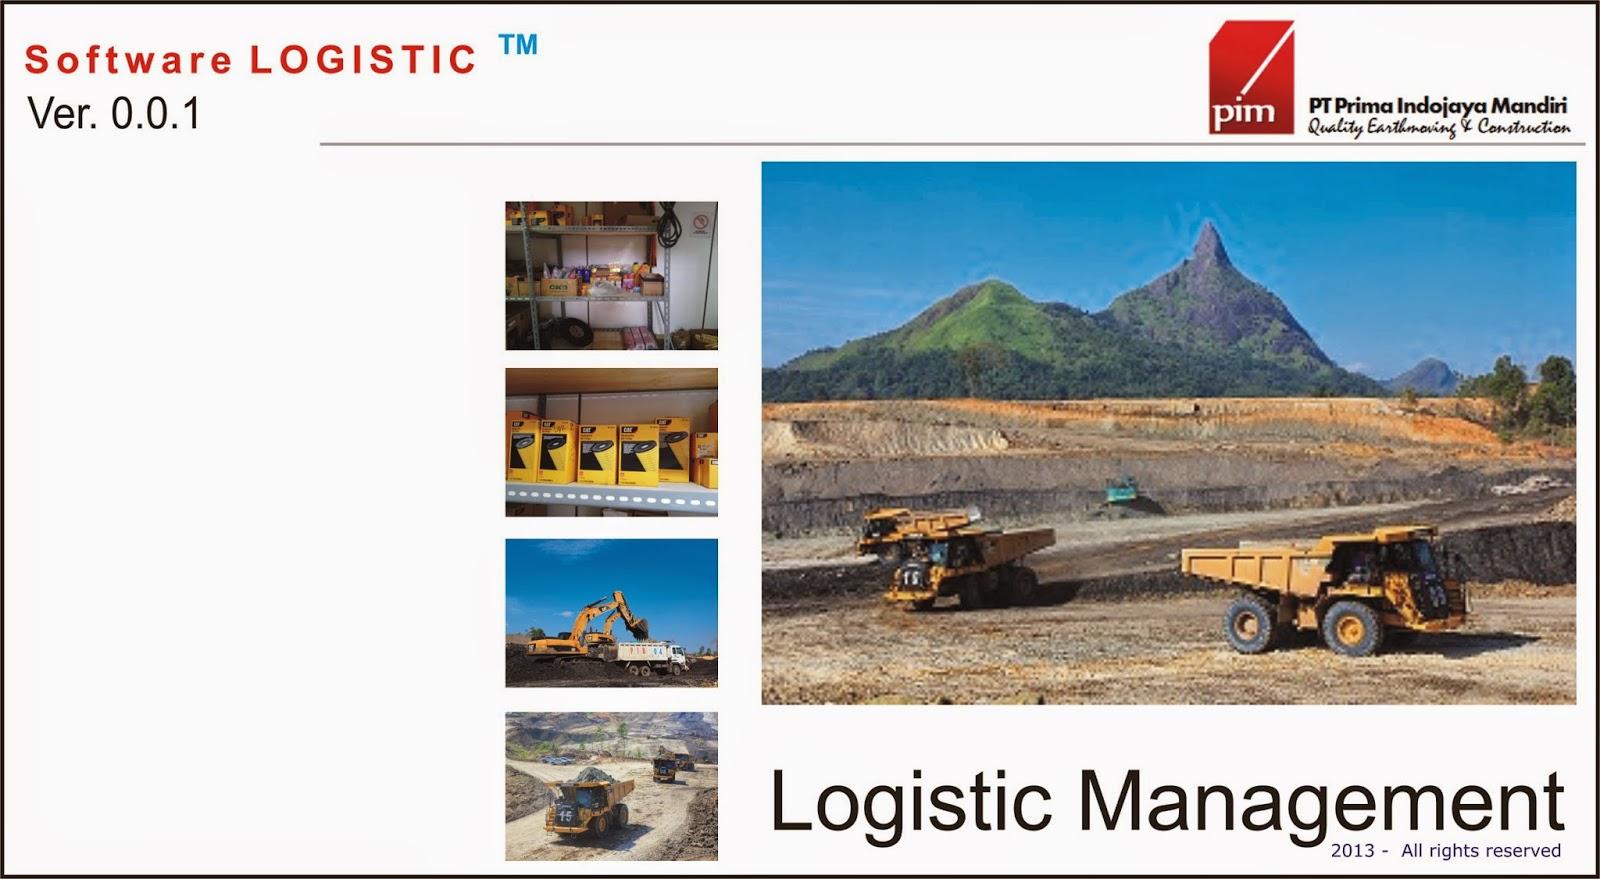 Earth Moving Mining Project Rak Untuk Adalah Membuat System Inventory Logistic Kembali Ke Zaman Waktu Kuliah Buku Di Kusam Baca Lagi Pemanasan Start Programer Yang